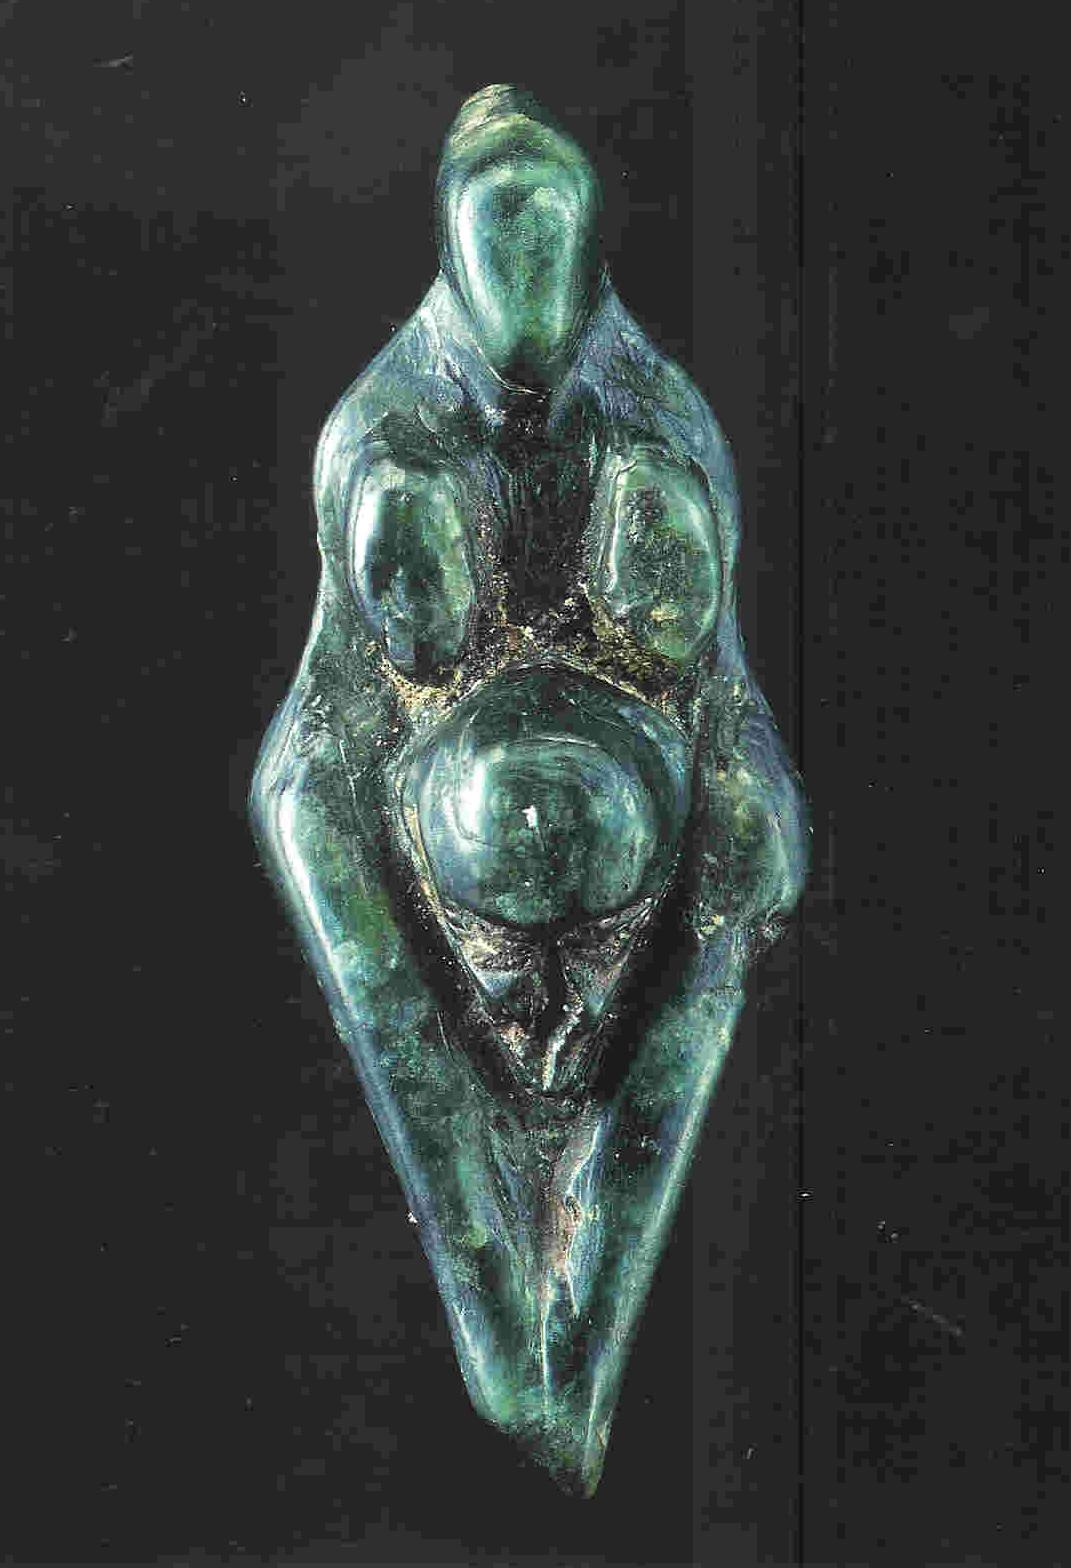 'La Losange'. 'De Ruit'. Grimaldi. 6.1 cm. 22.000-17.0000 v. Chr. Groene staetiet. Musée des Antiquités Nationales, Saint-Germain-en-Laye.